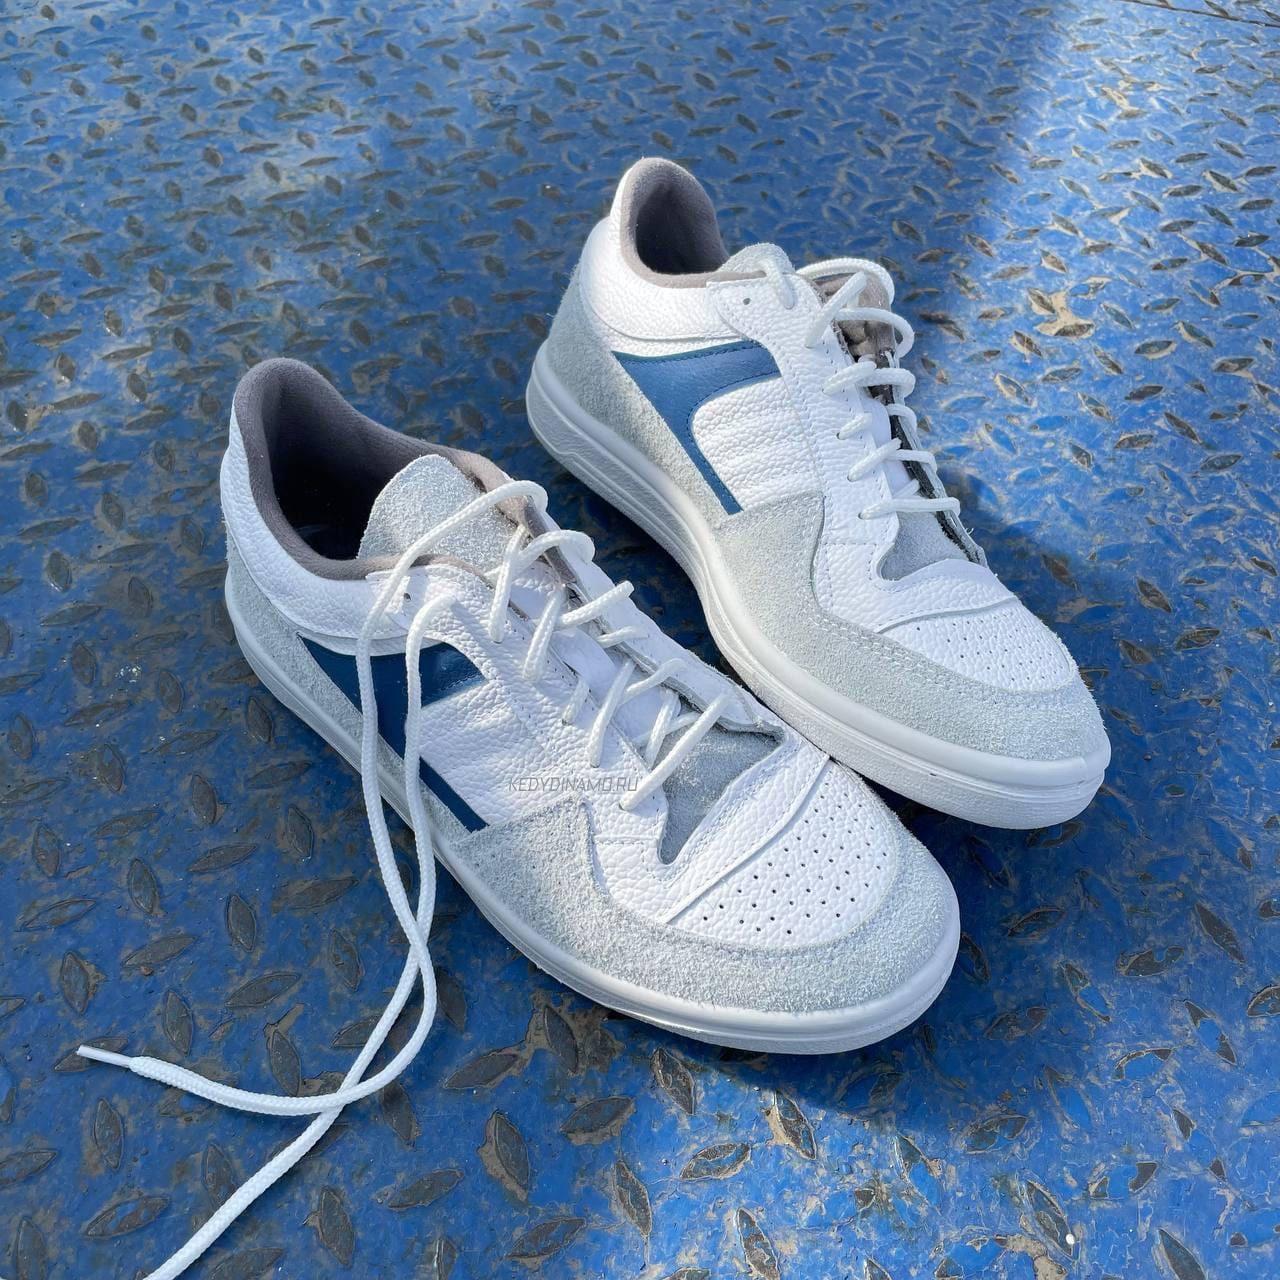 Кроссовки Динамо ГУС-2 высокие. высокие кожаные кроссовки. Купить белые  кроссовки Динамо 7cba047e312